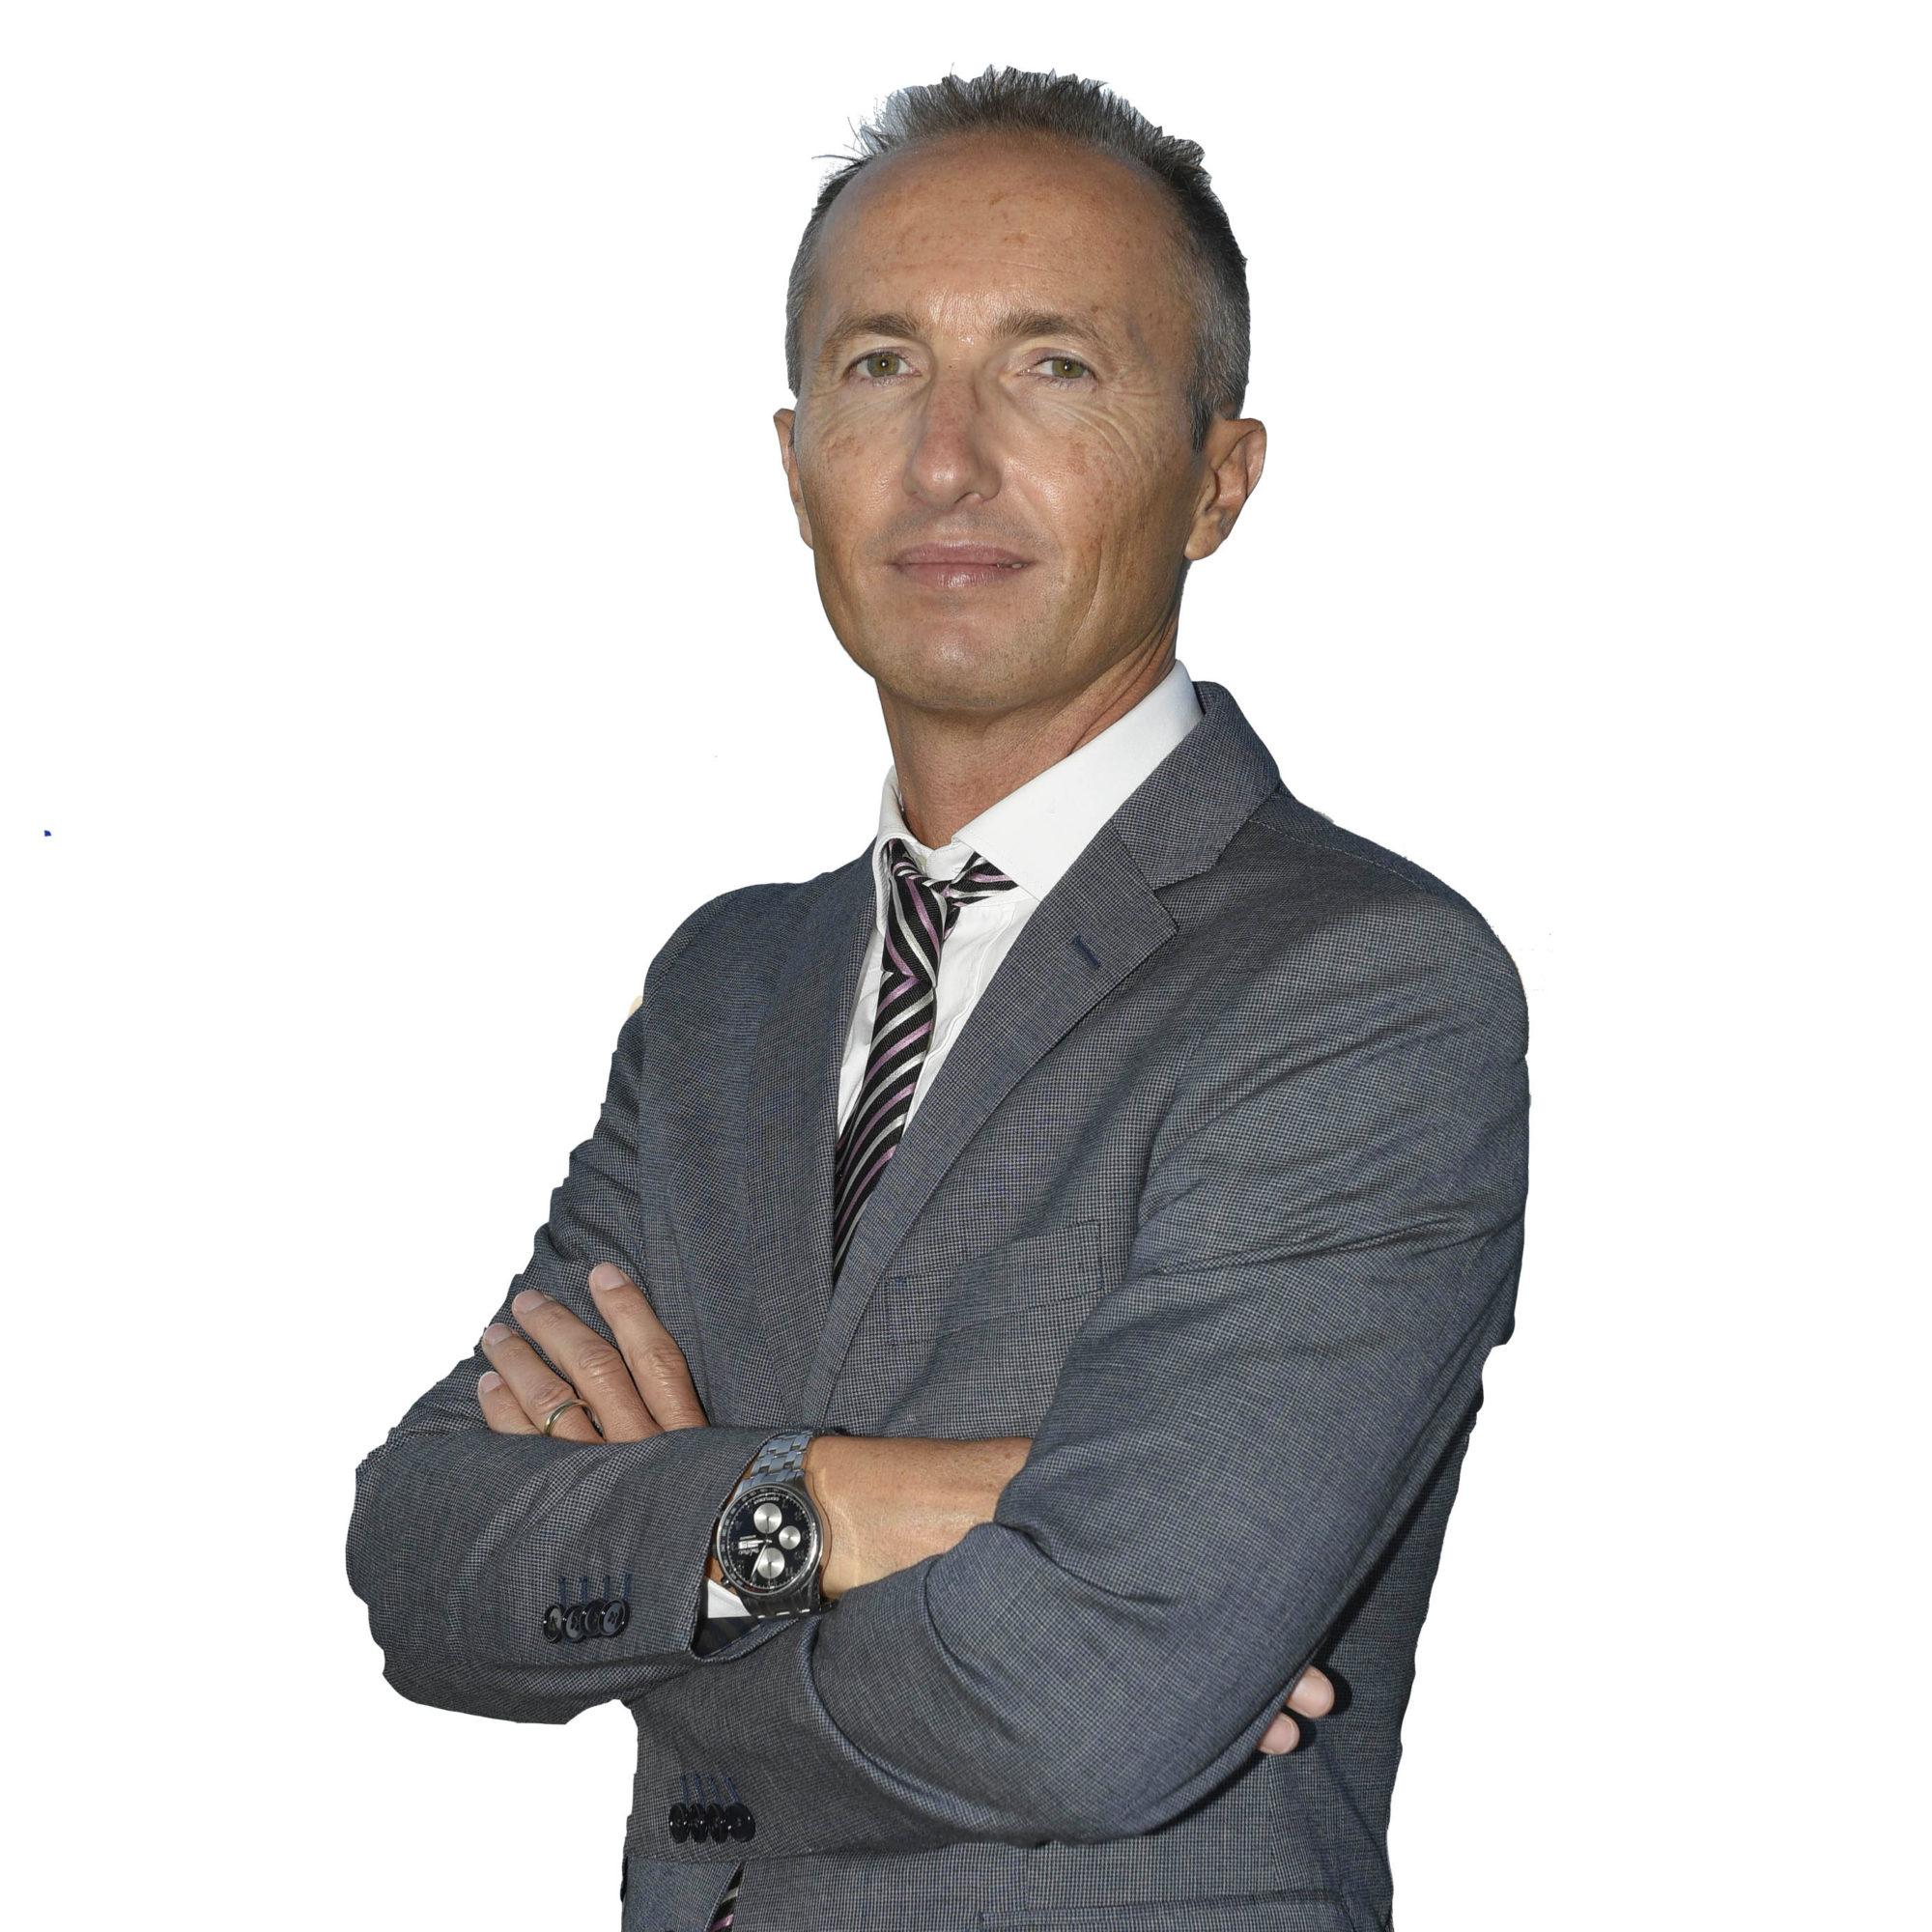 Gianluca Cavina